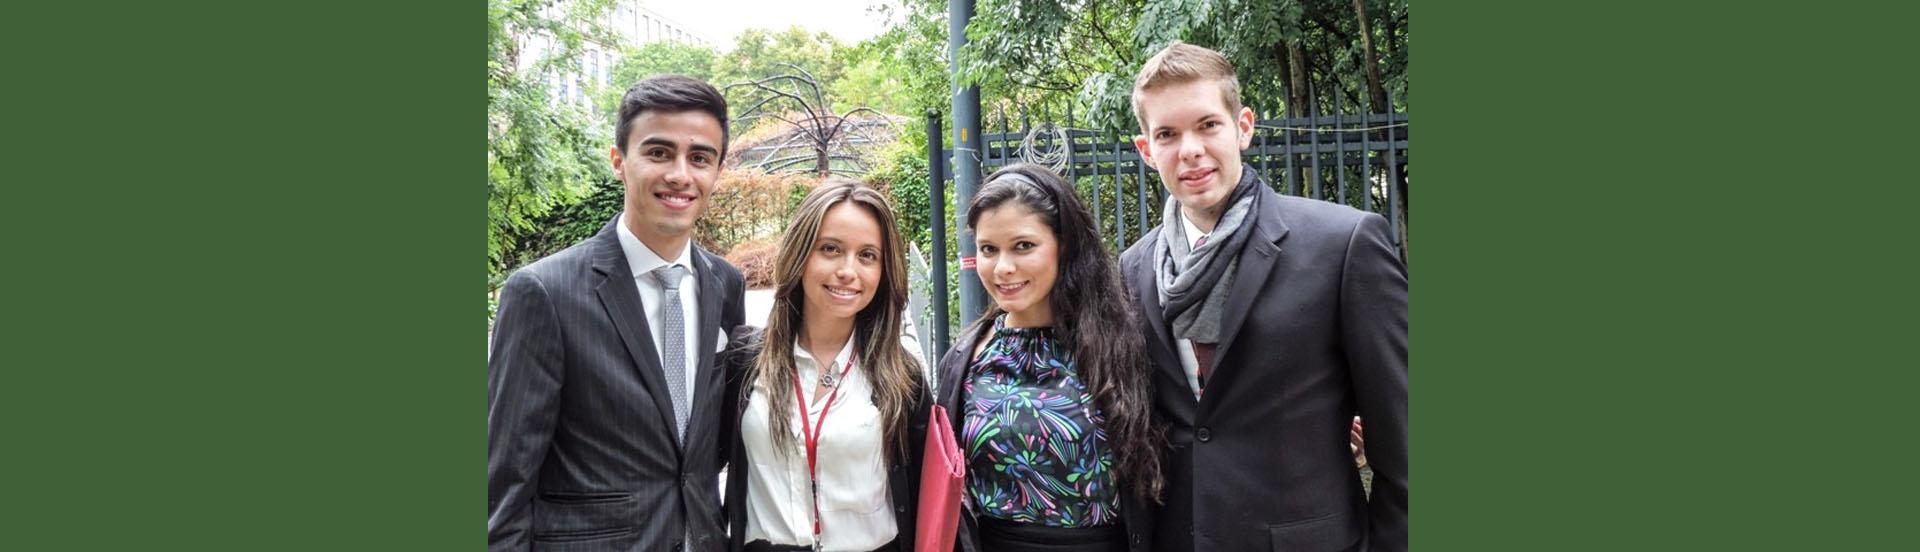 jovenesliderescolombianos